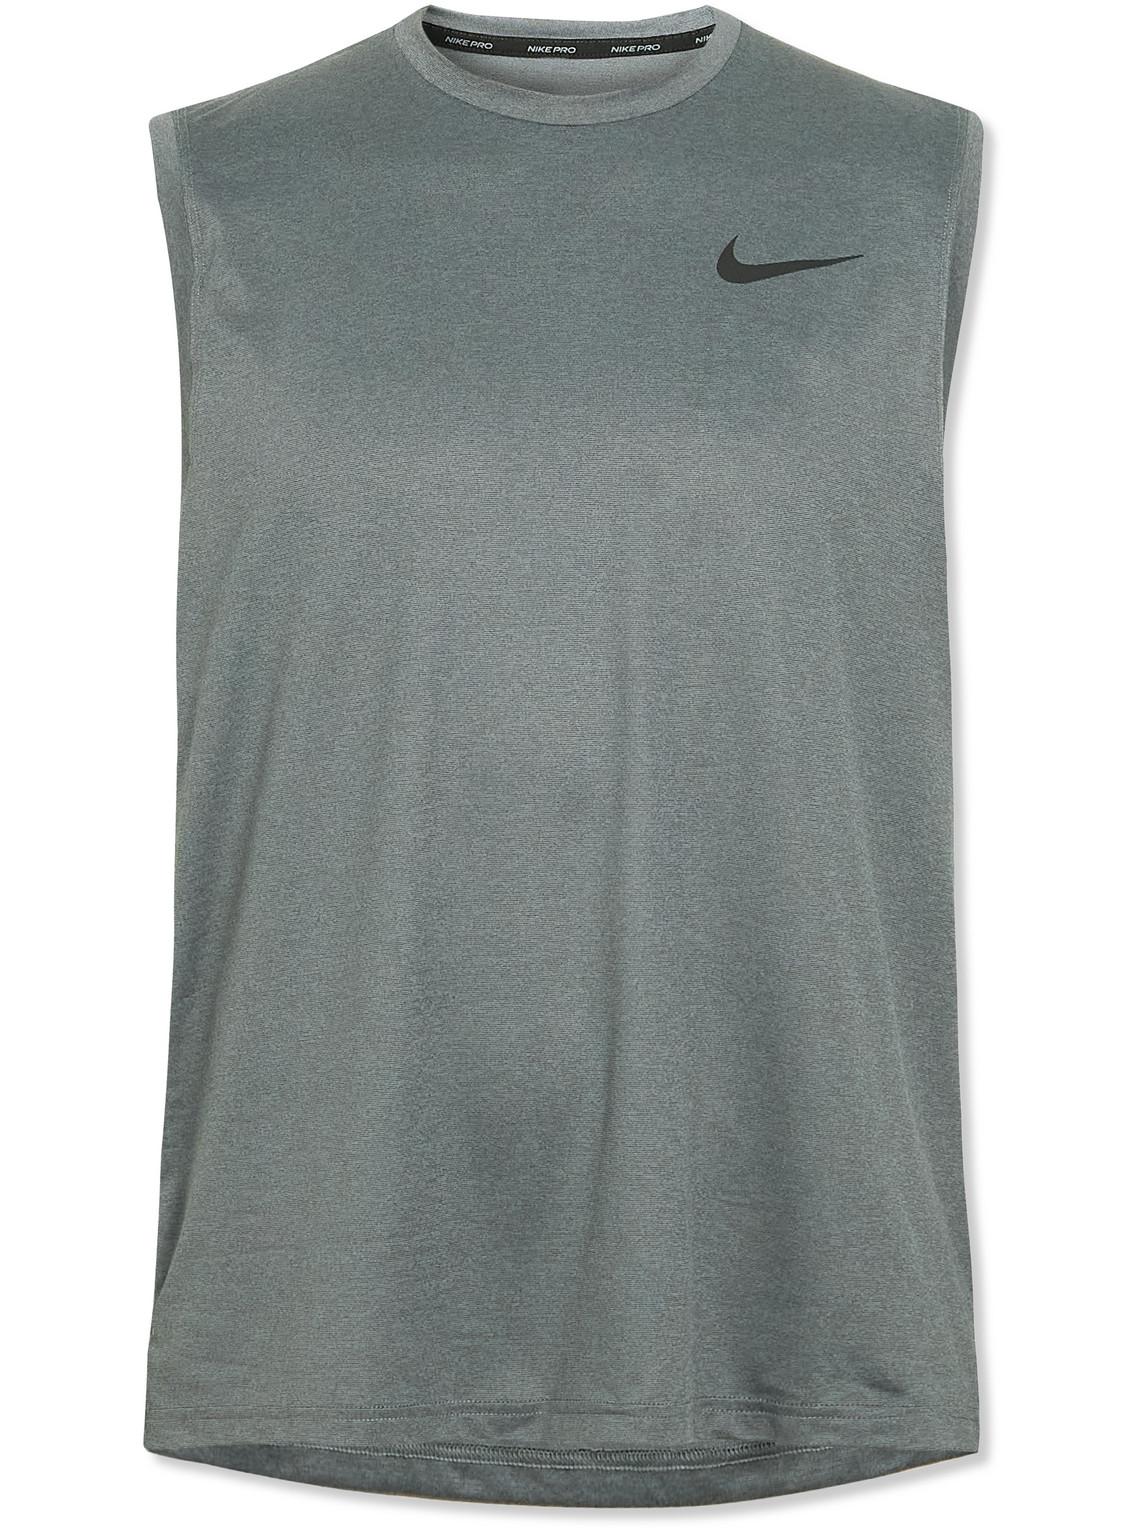 Nike Training - Pro Dri-Fit Tank Top - Men - Gray - S